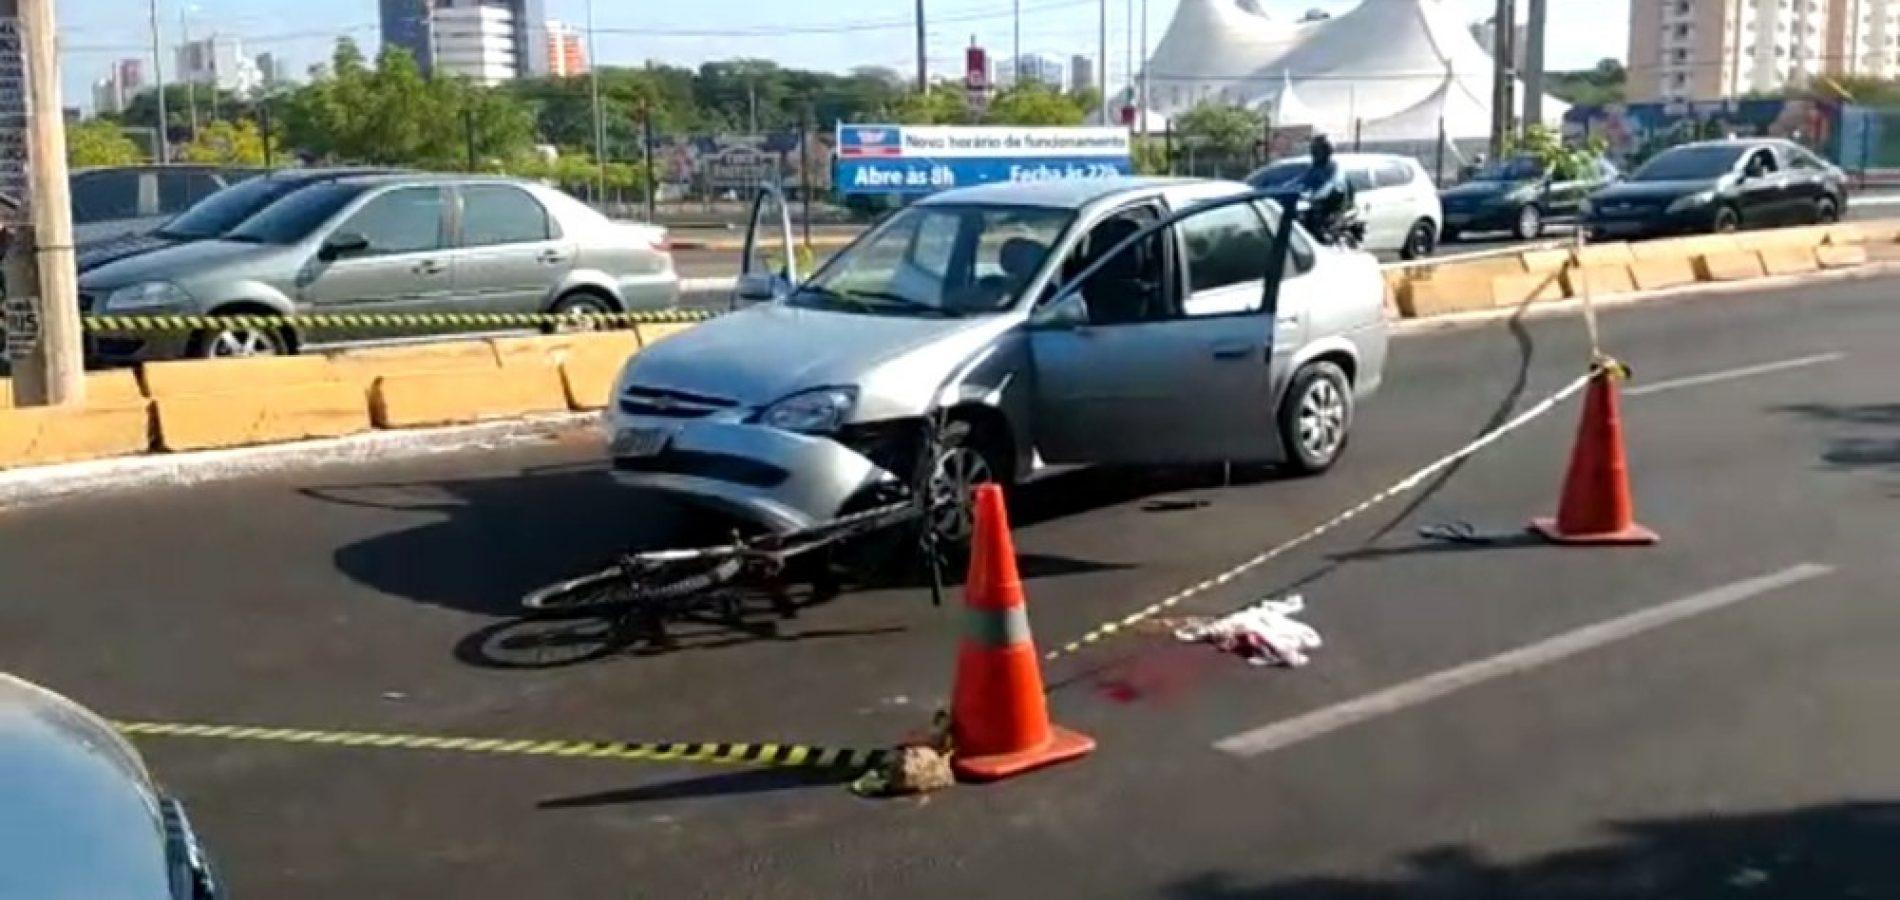 Motorista é baleado por ciclista durante briga de trânsito no Piauí